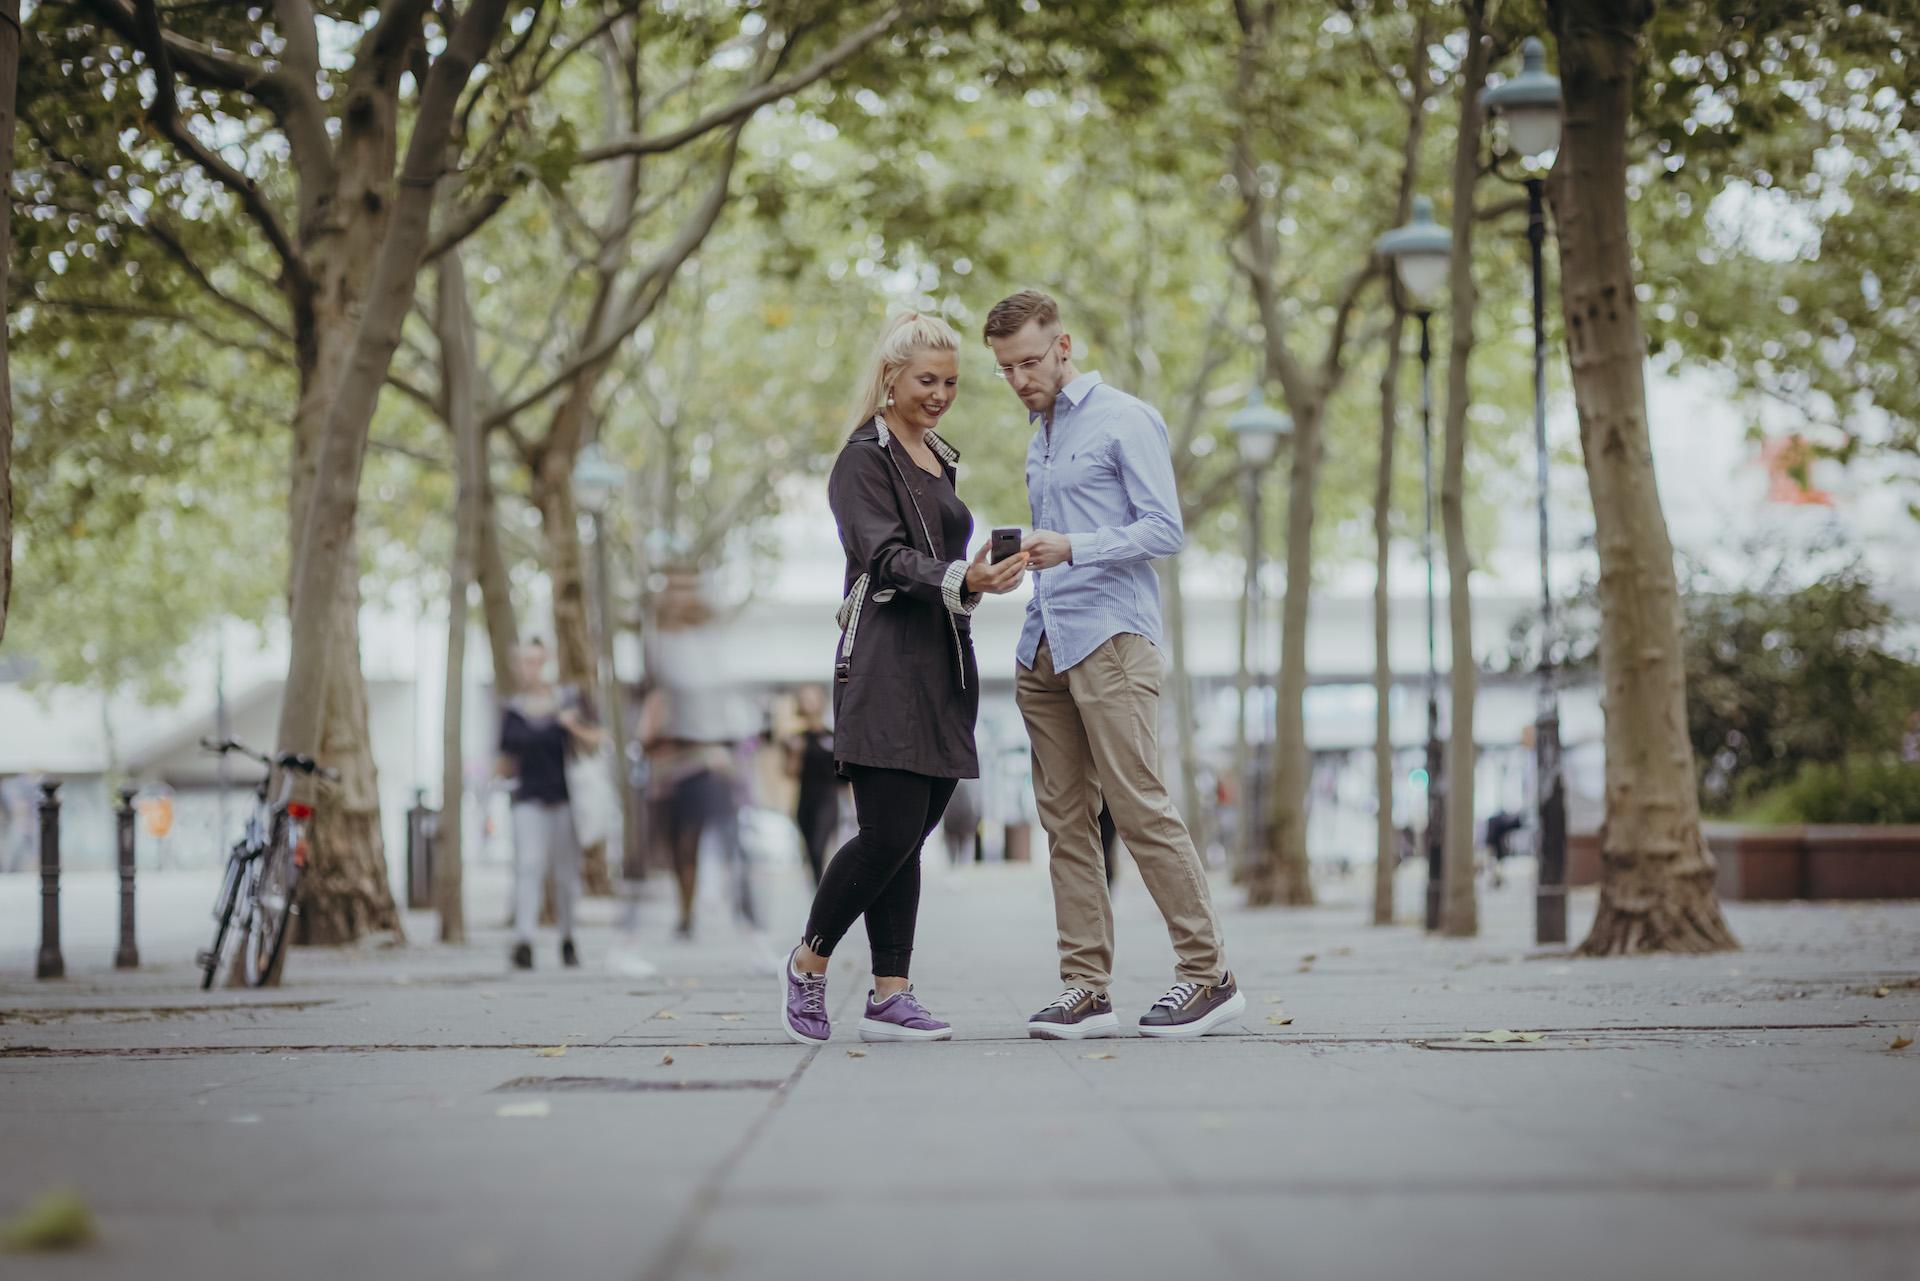 Zwei Menschen mit kybun-Schuhe in der Stadt unter Platanen